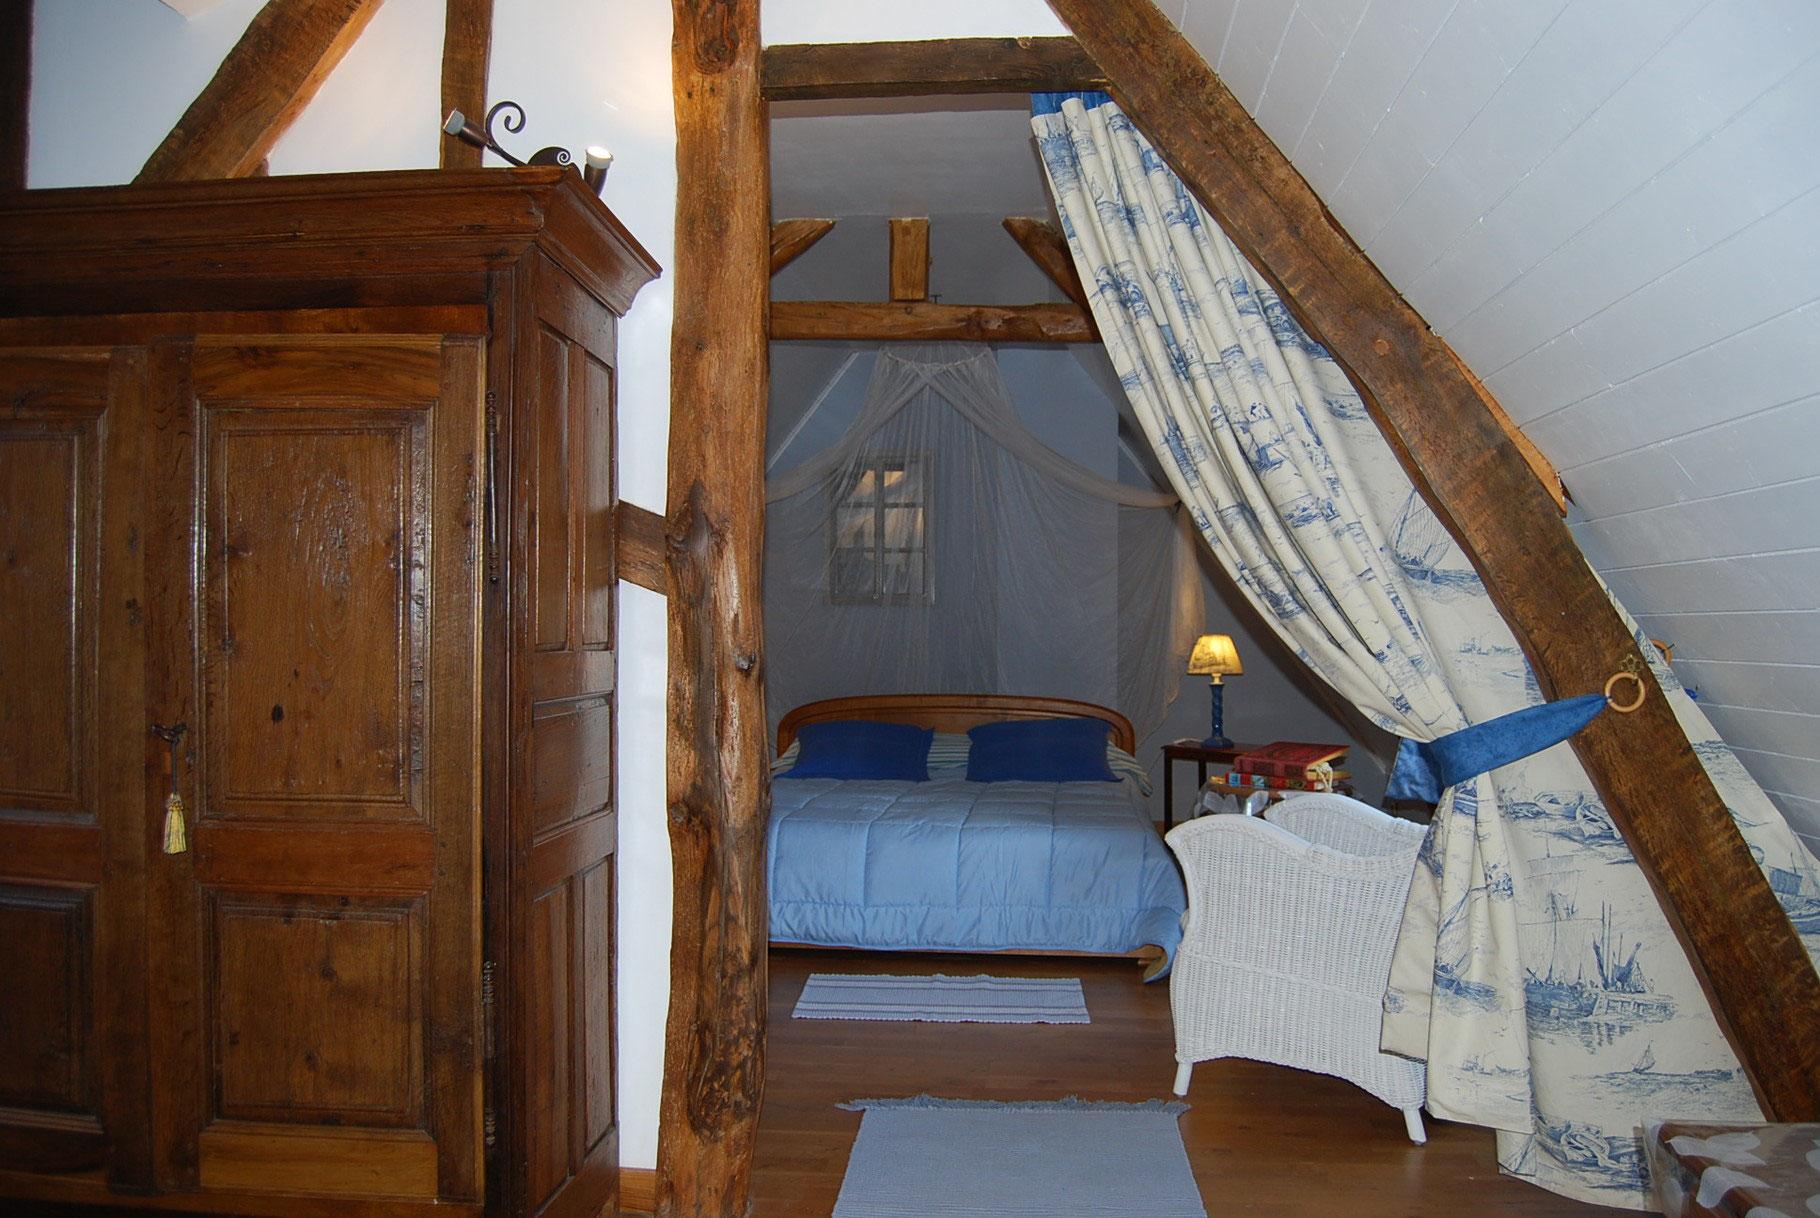 Chambres d 39 h tes le crotoy chambres d 39 h tes baie de - Baie de somme chambre d hote ...